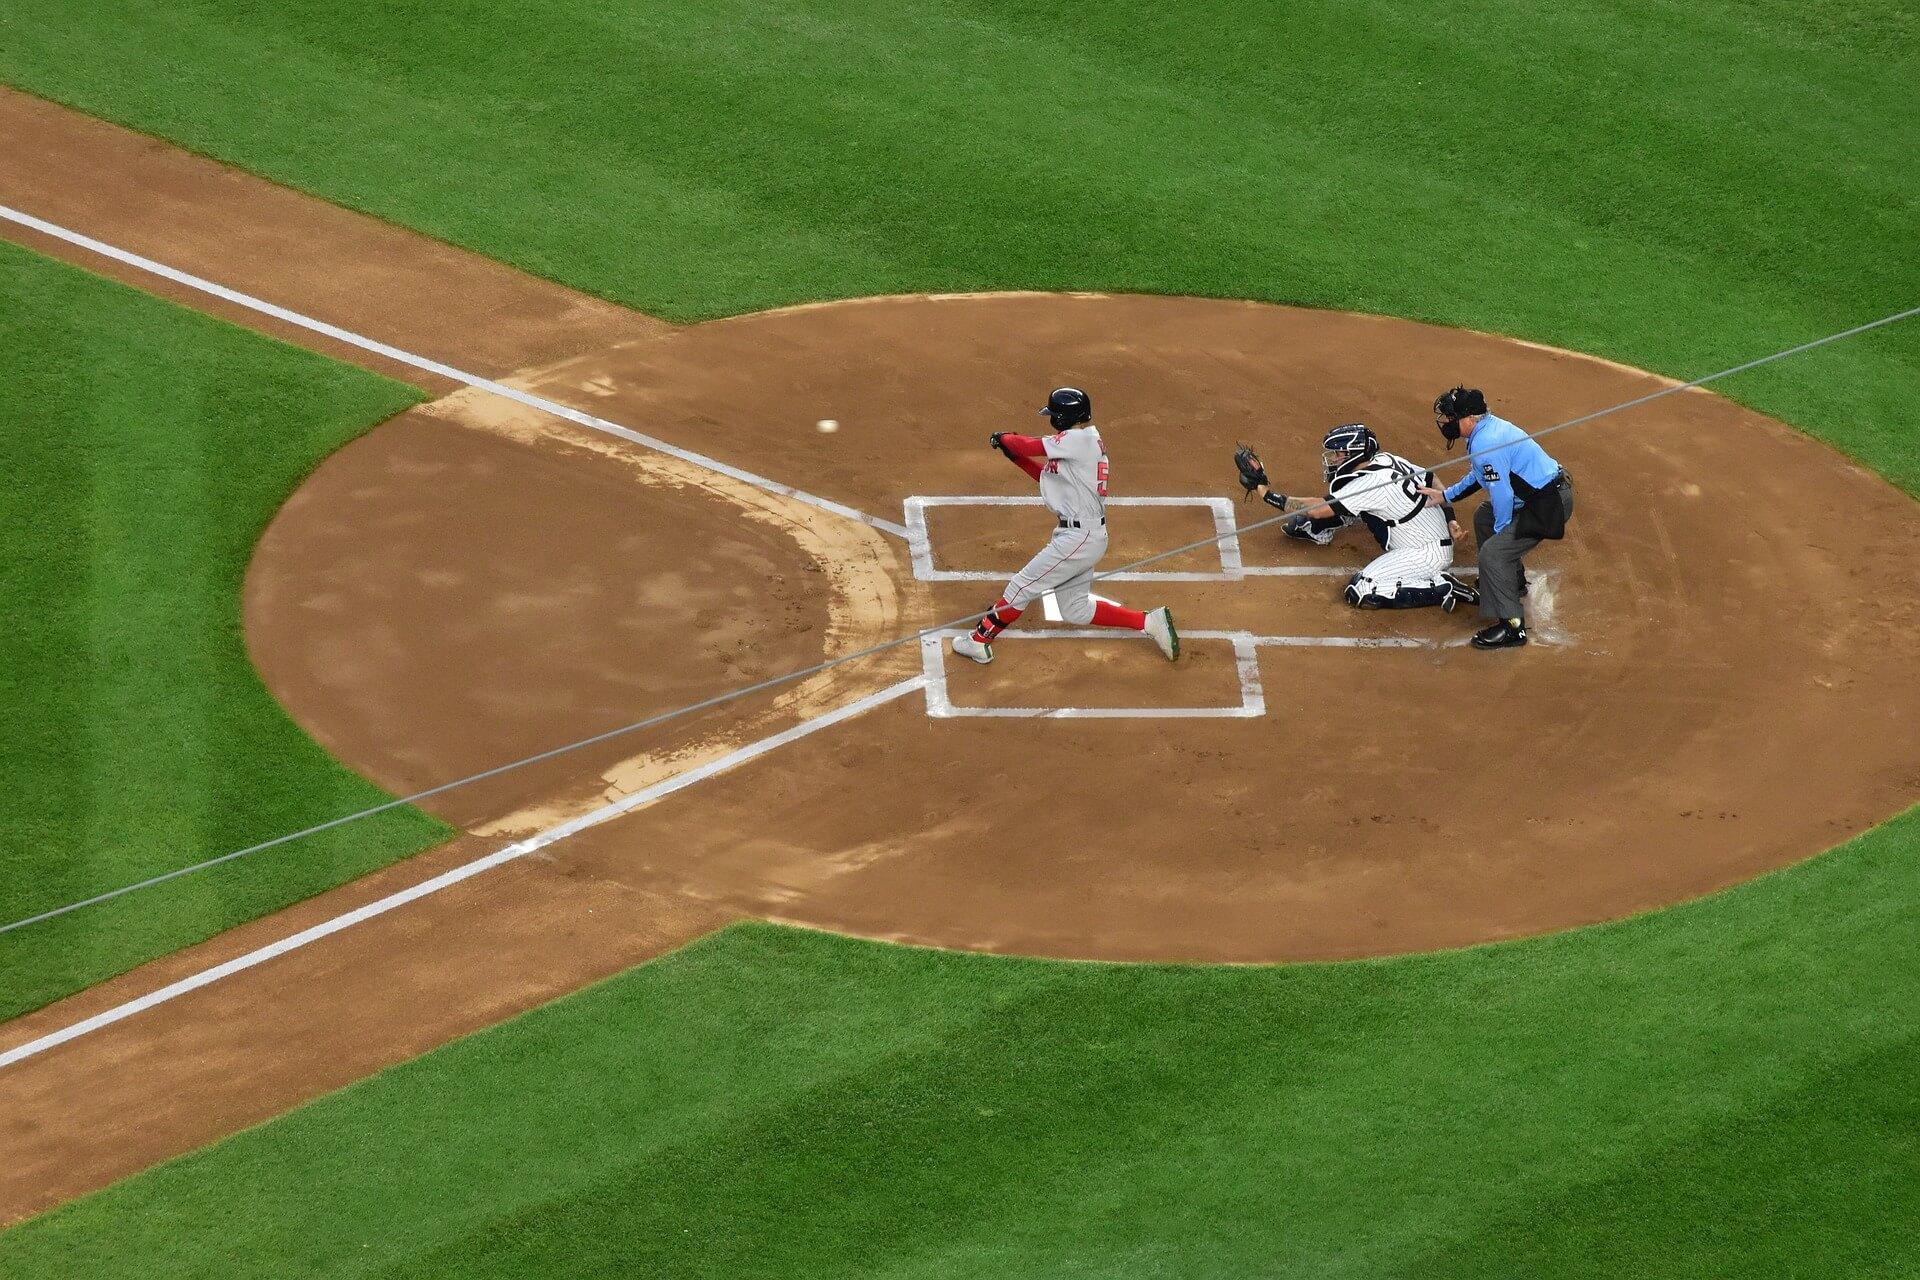 少年野球向けバッティング上達法/上手くスイング出来ない時の練習法